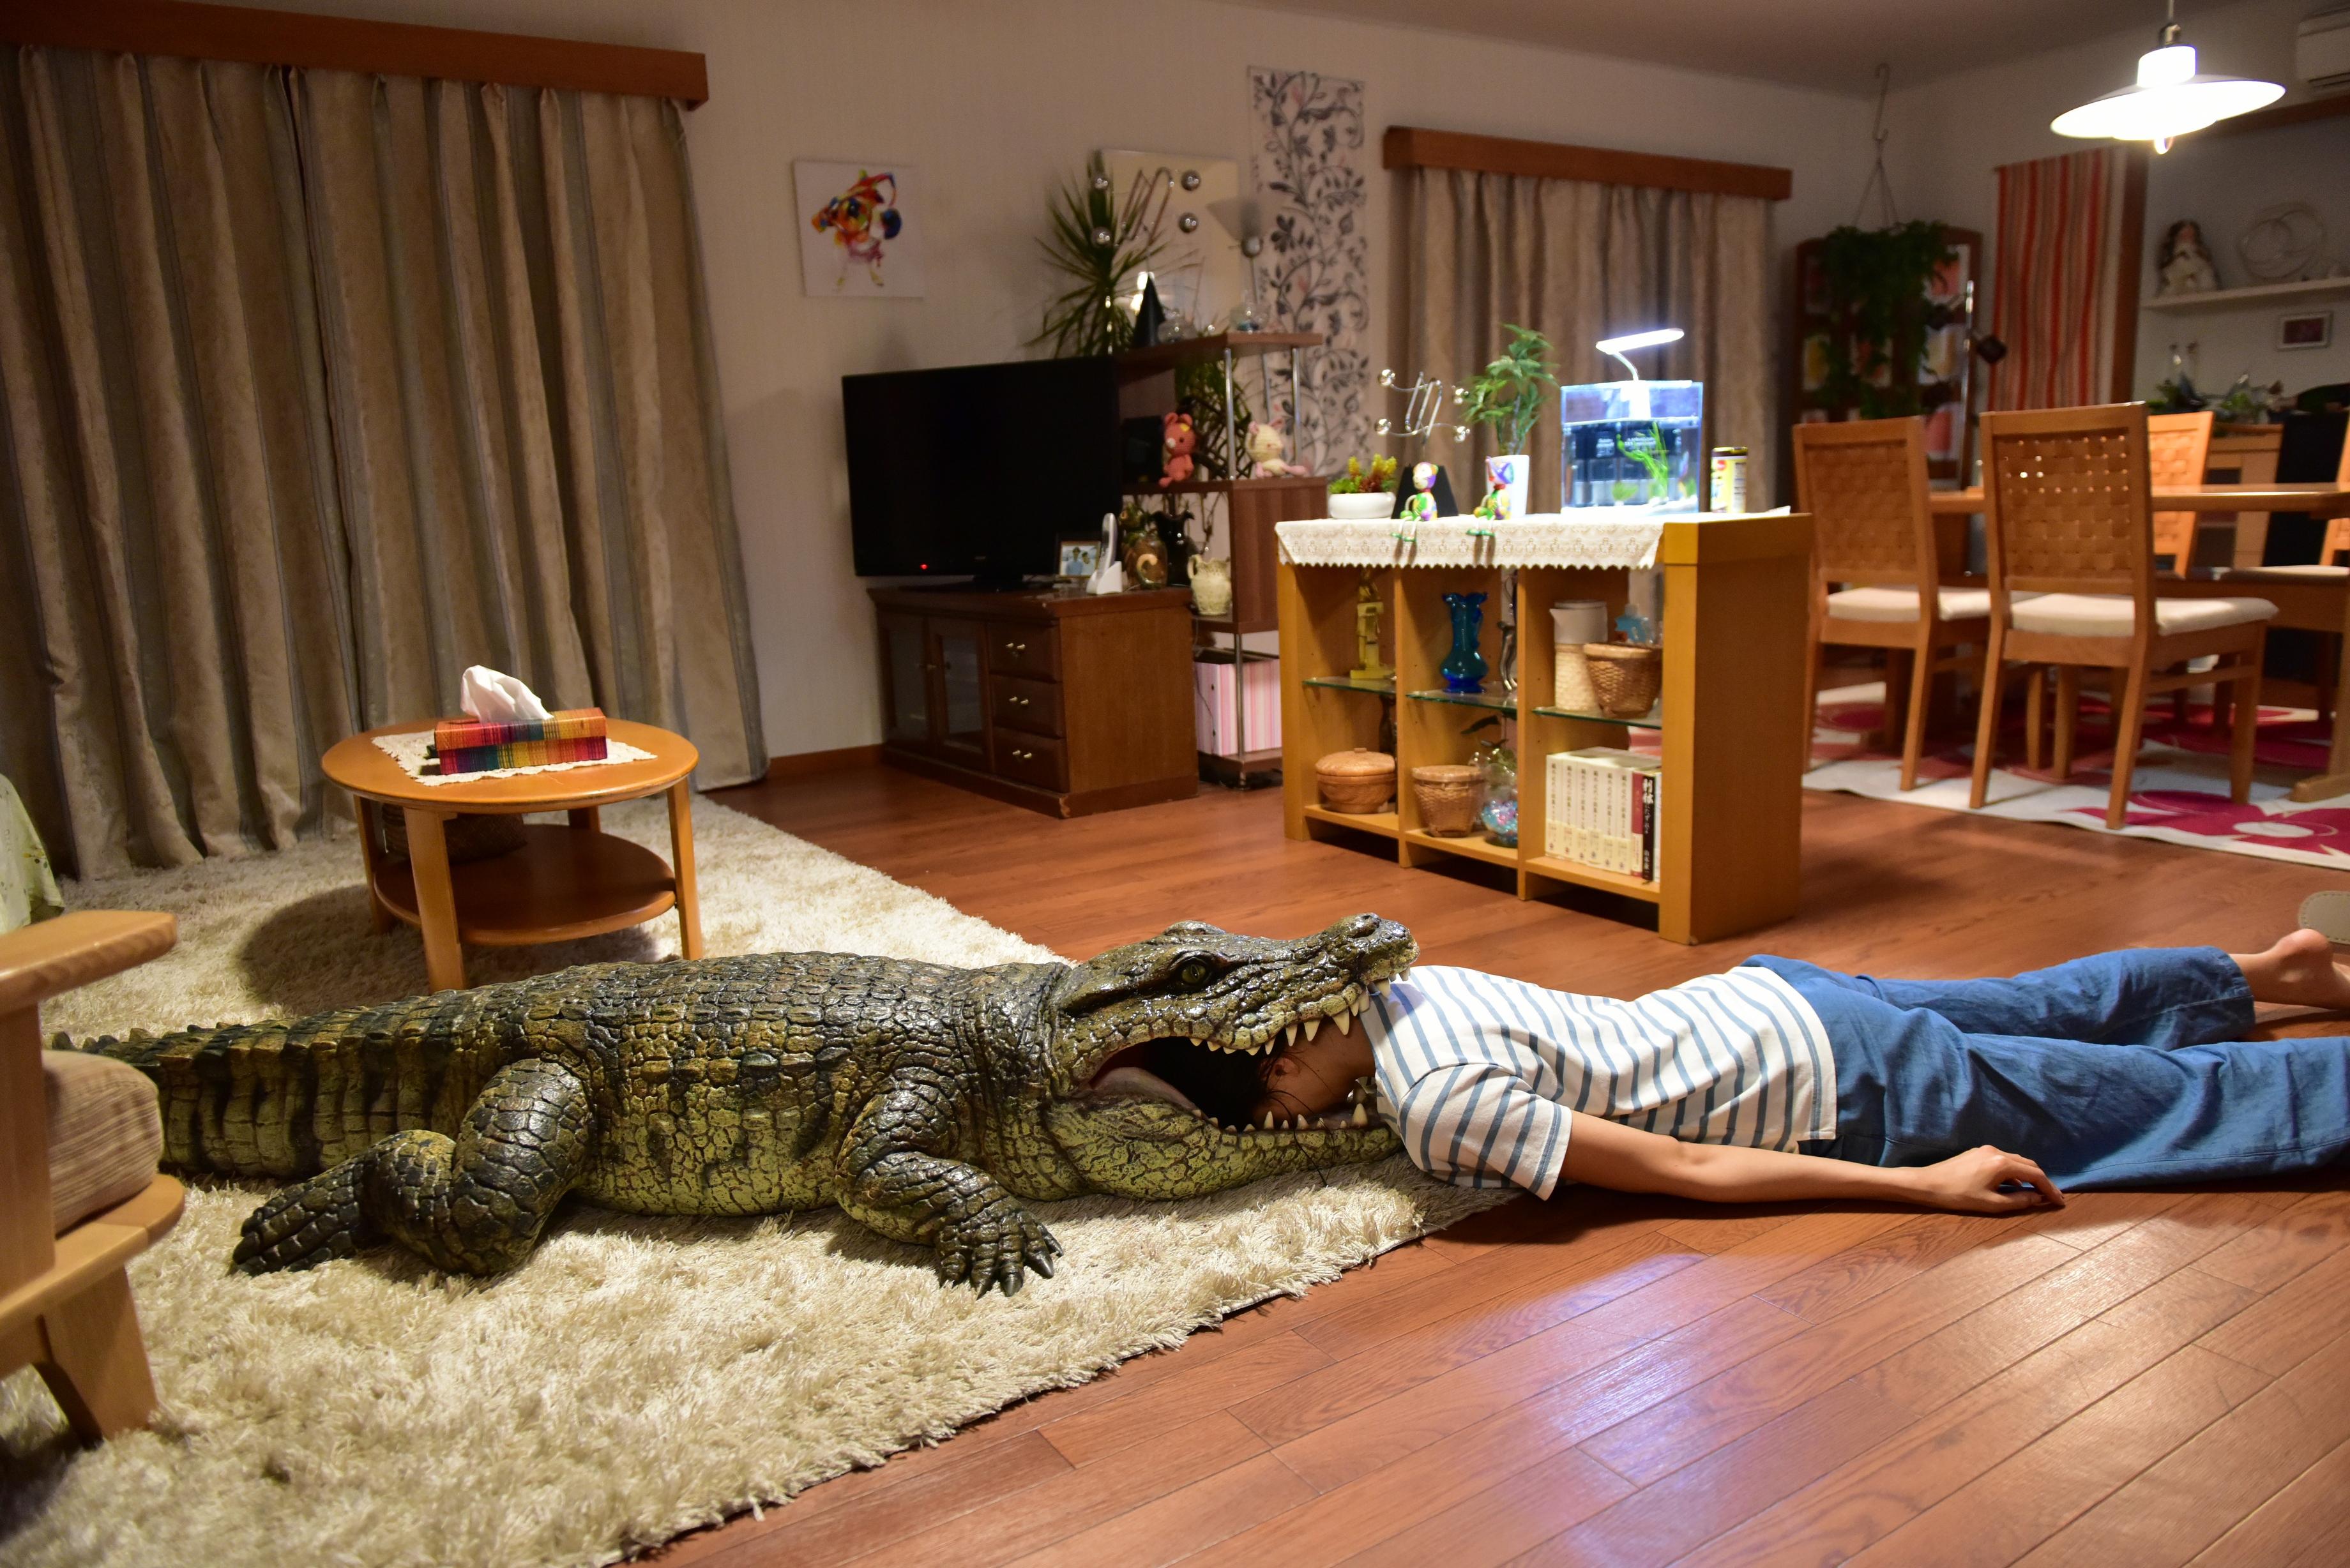 千惠創意爆棚,非常投入扮死,這個被鱷魚咬死的死法最受網友歡迎。